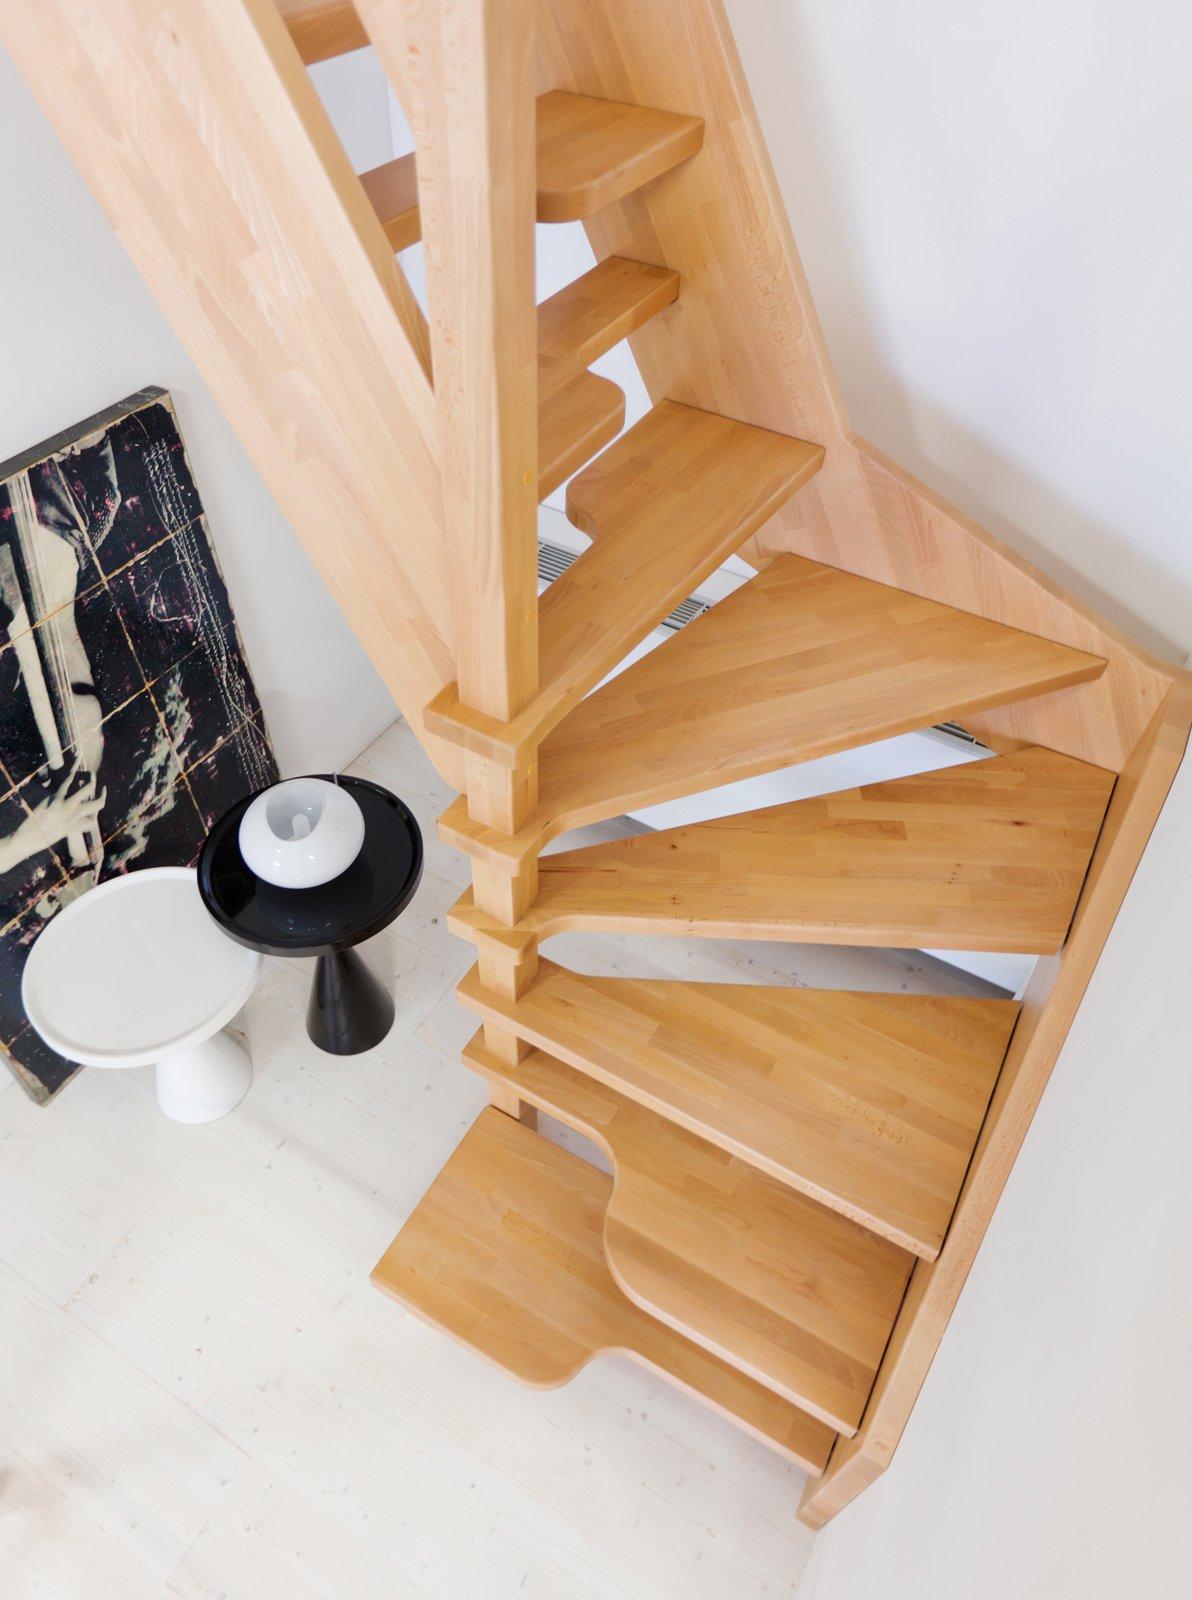 Comprare una scala prefabbricata cose di casa - Scale a chiocciola salvaspazio ...